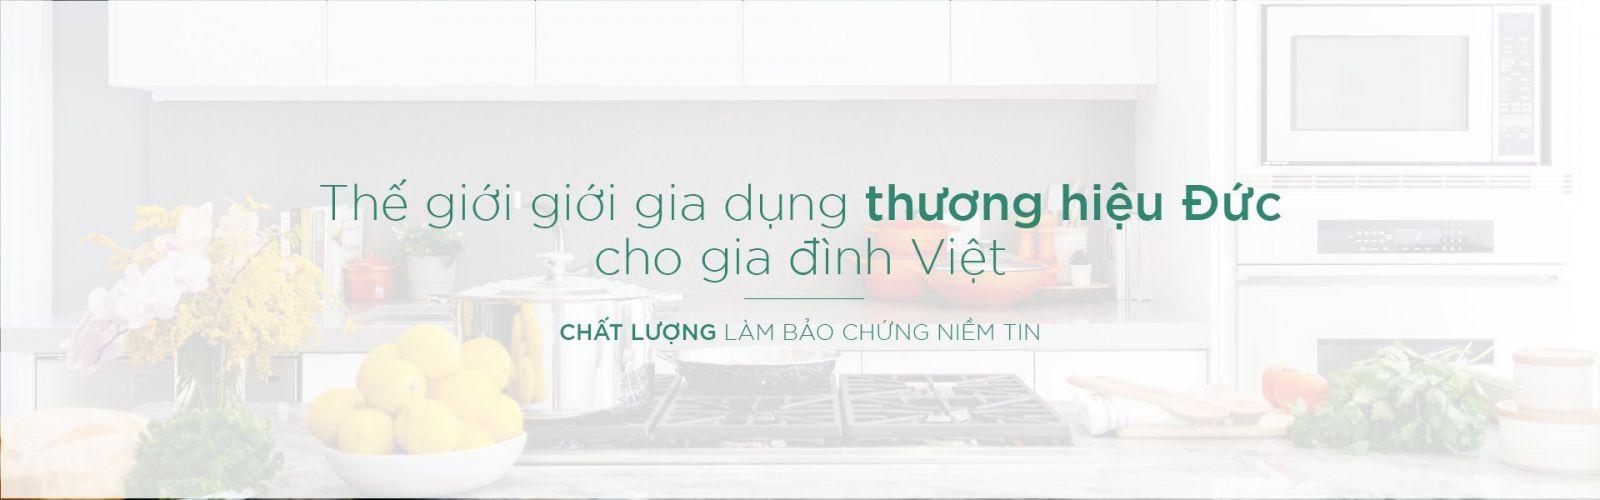 Tentum Việt Nam